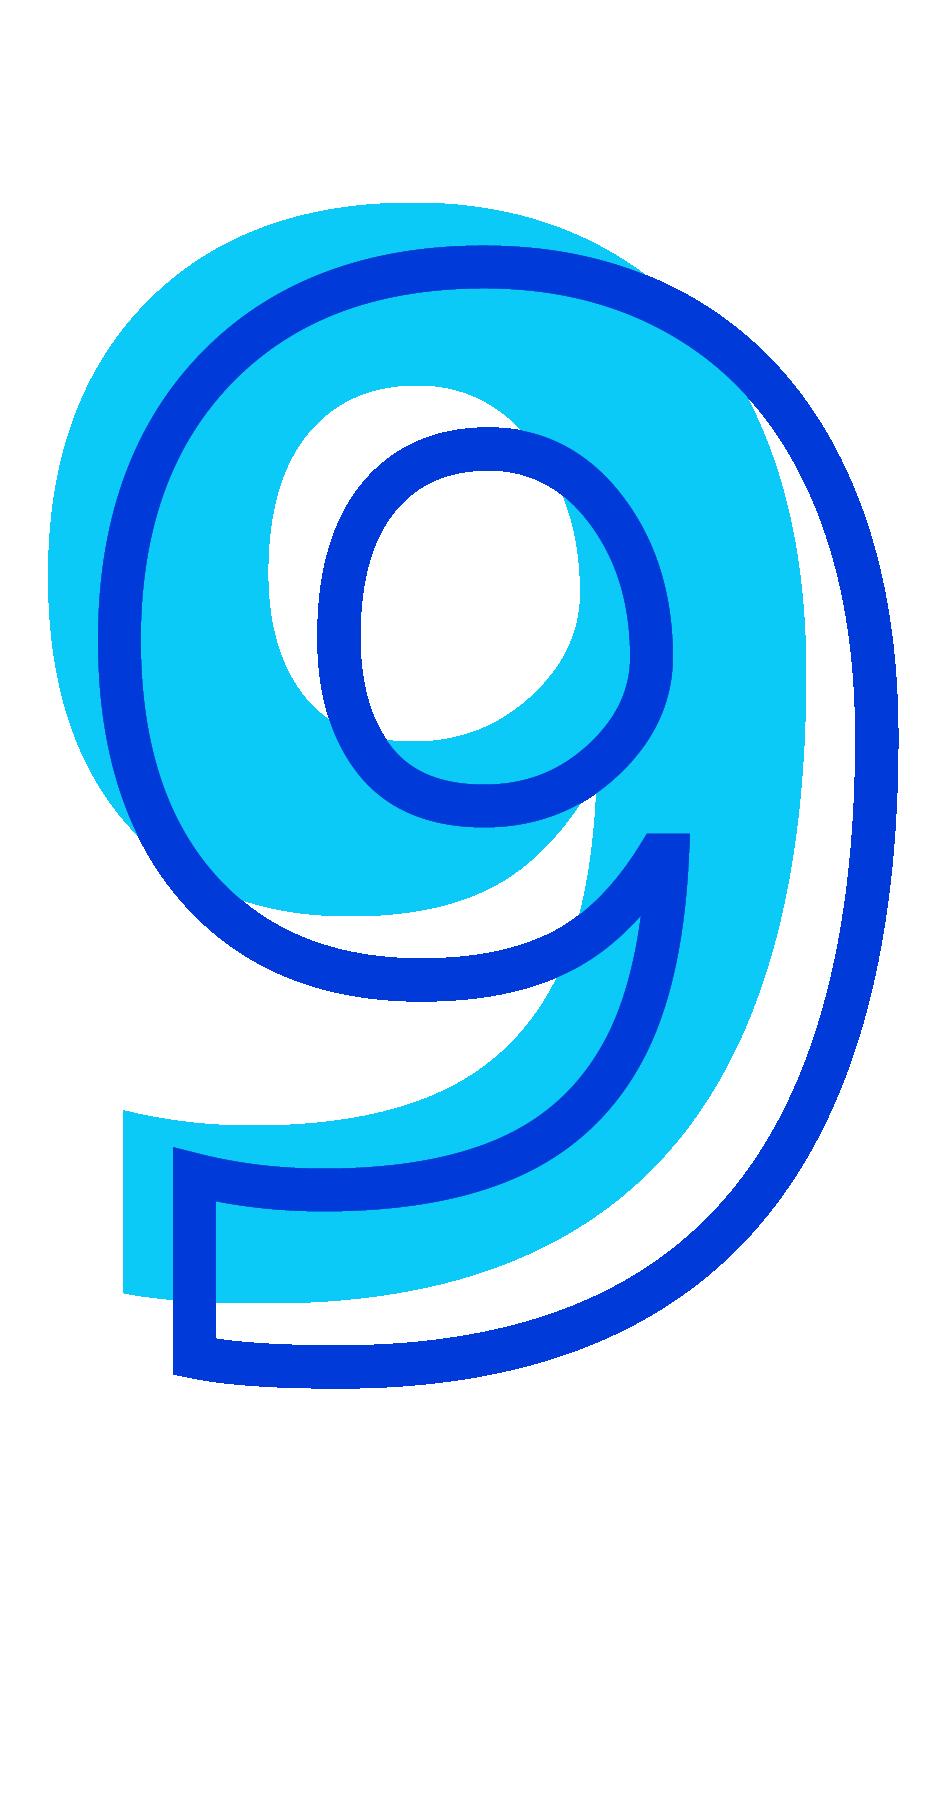 Asset 31